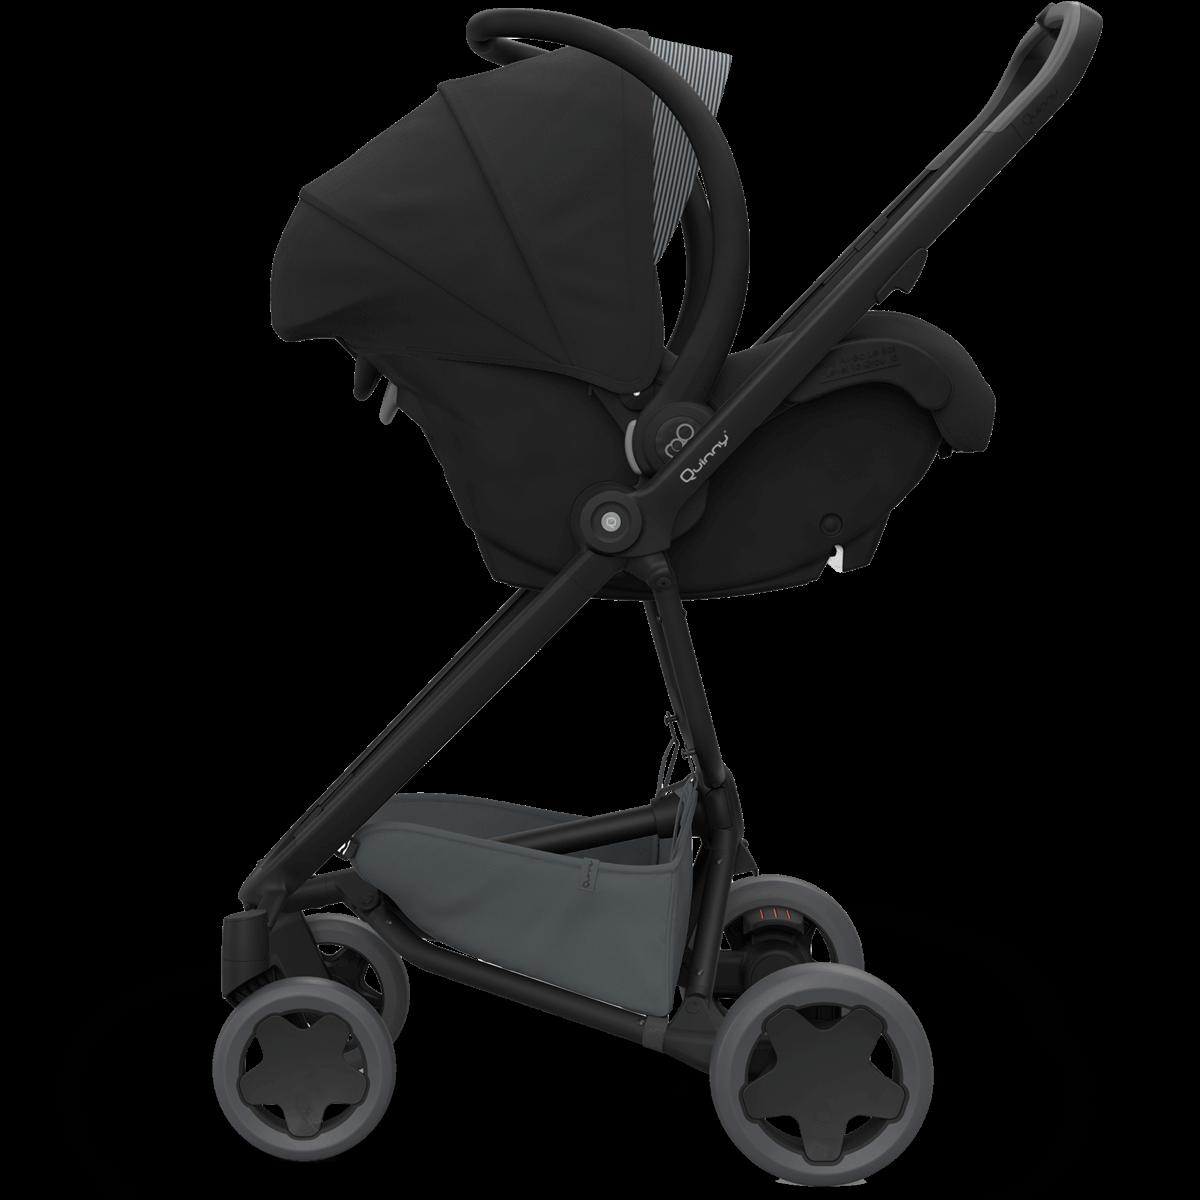 quinny zapp flex plus stroller black on black. Black Bedroom Furniture Sets. Home Design Ideas